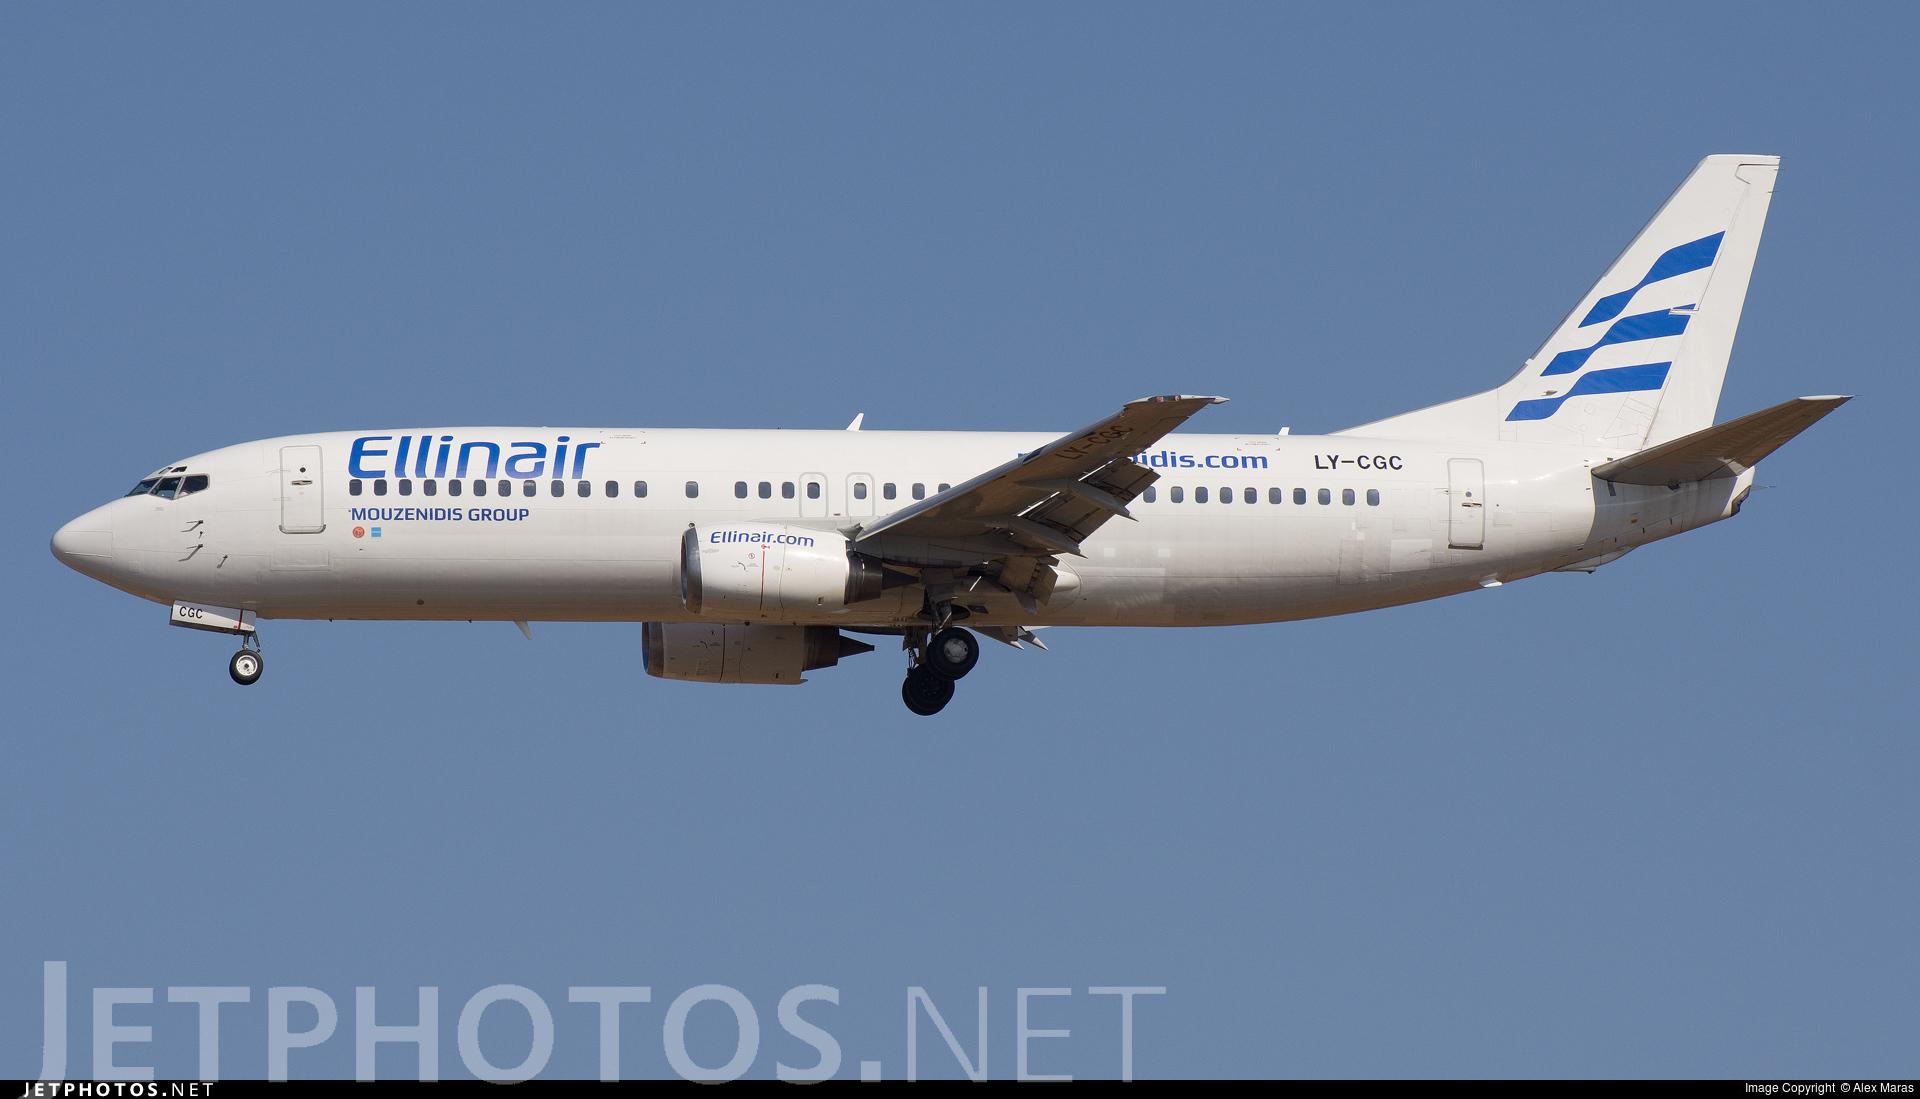 LY-CGC - Boeing 737-4Y0 - Ellinair (Grand Cru Airlines)